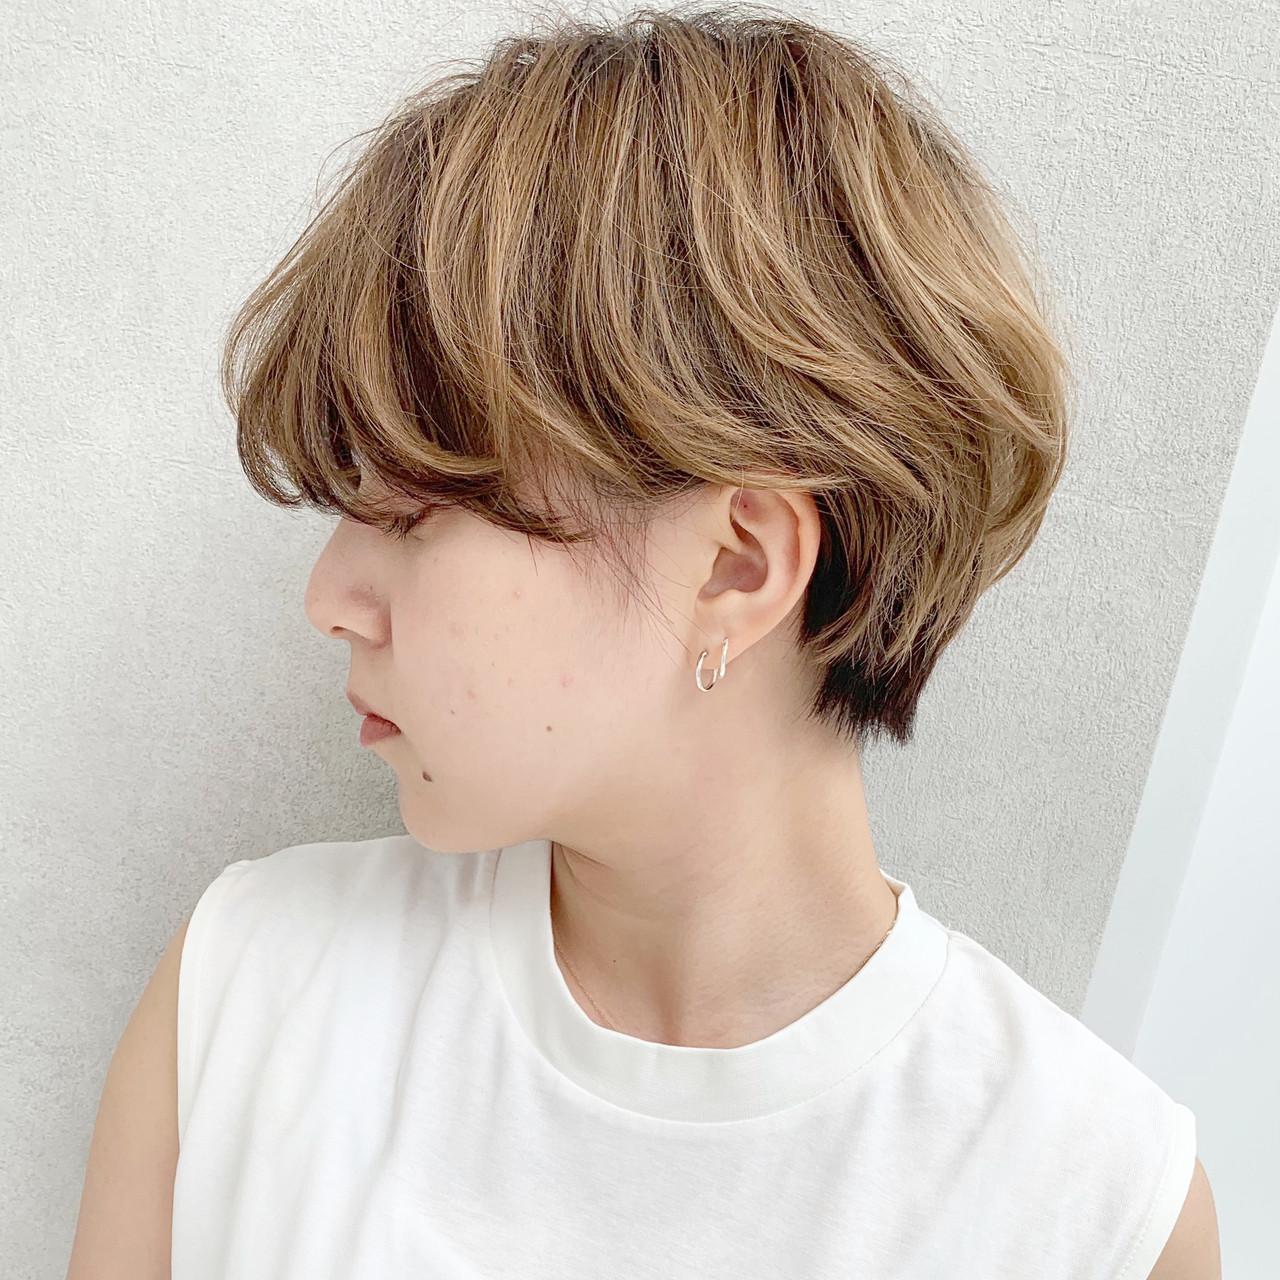 オフィス ショート モード デート ヘアスタイルや髪型の写真・画像 | ショートヘア美容師 #ナカイヒロキ / 『send by HAIR』